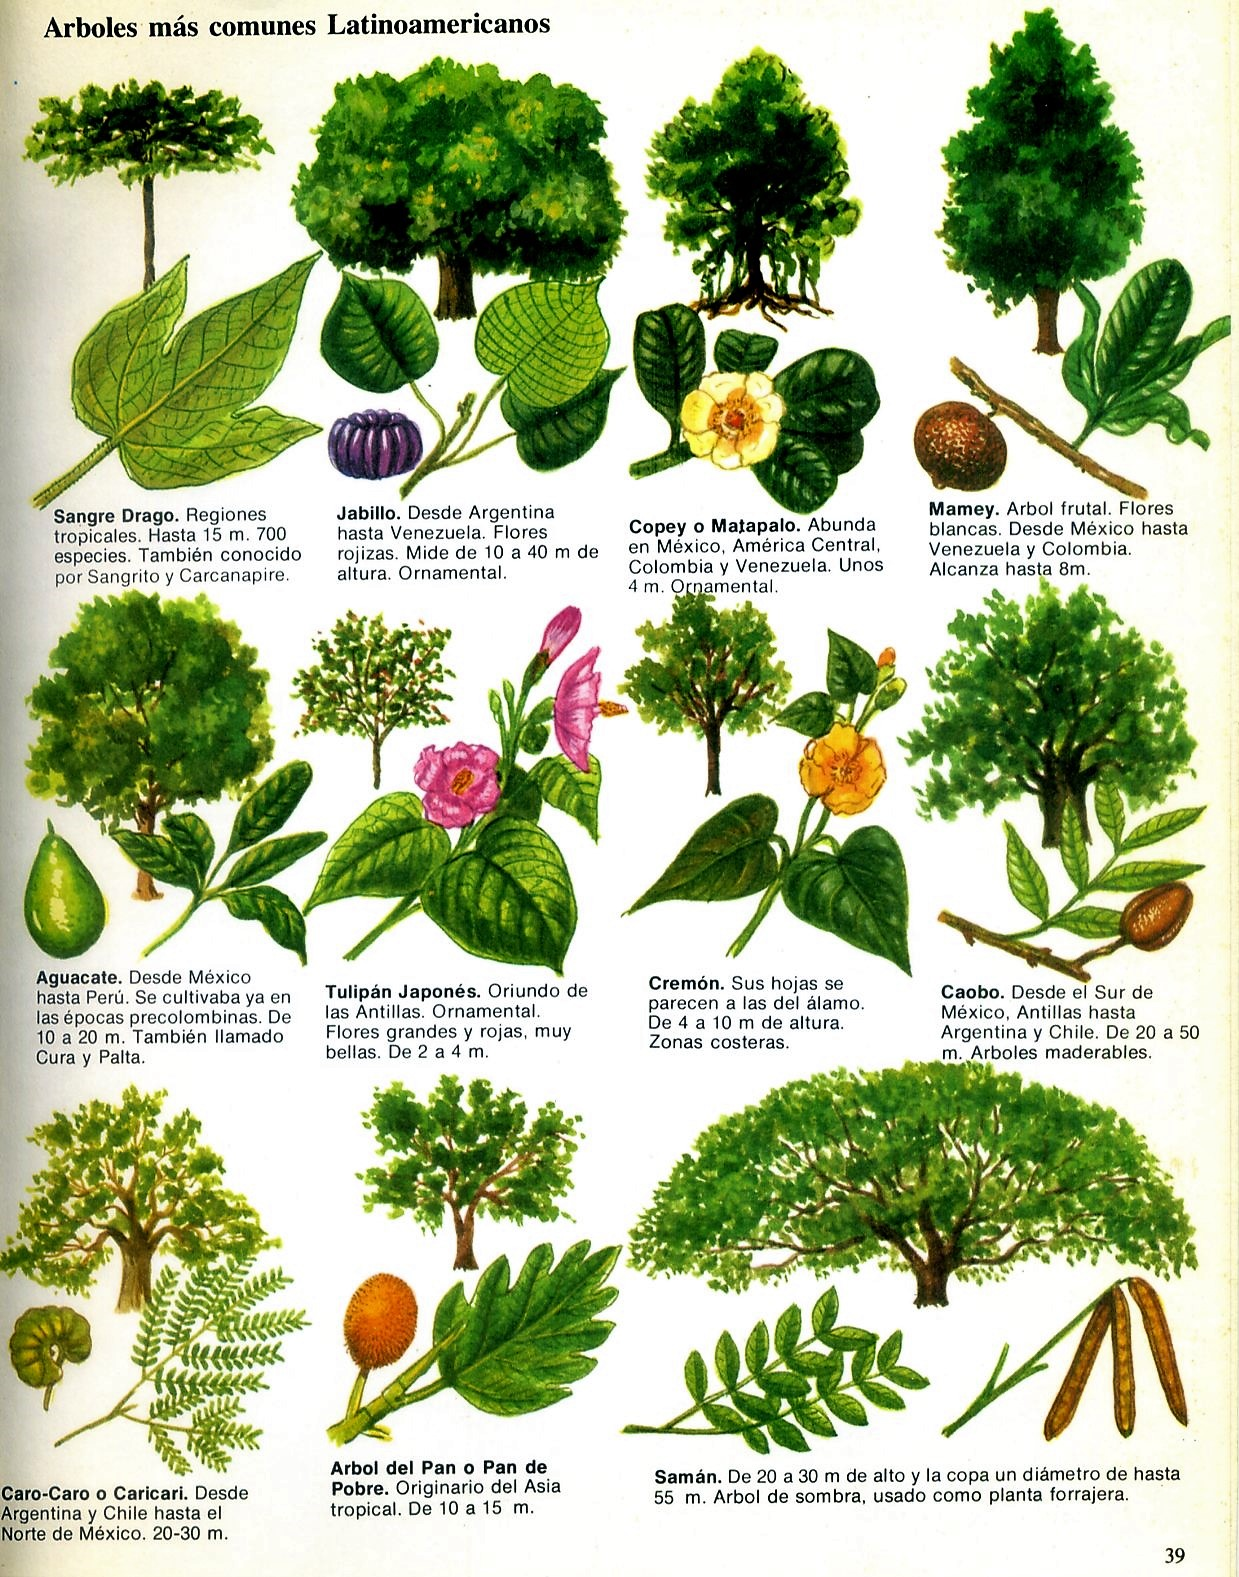 Txirpial rboles latinoamericanos for Arboles con sus nombres y caracteristicas